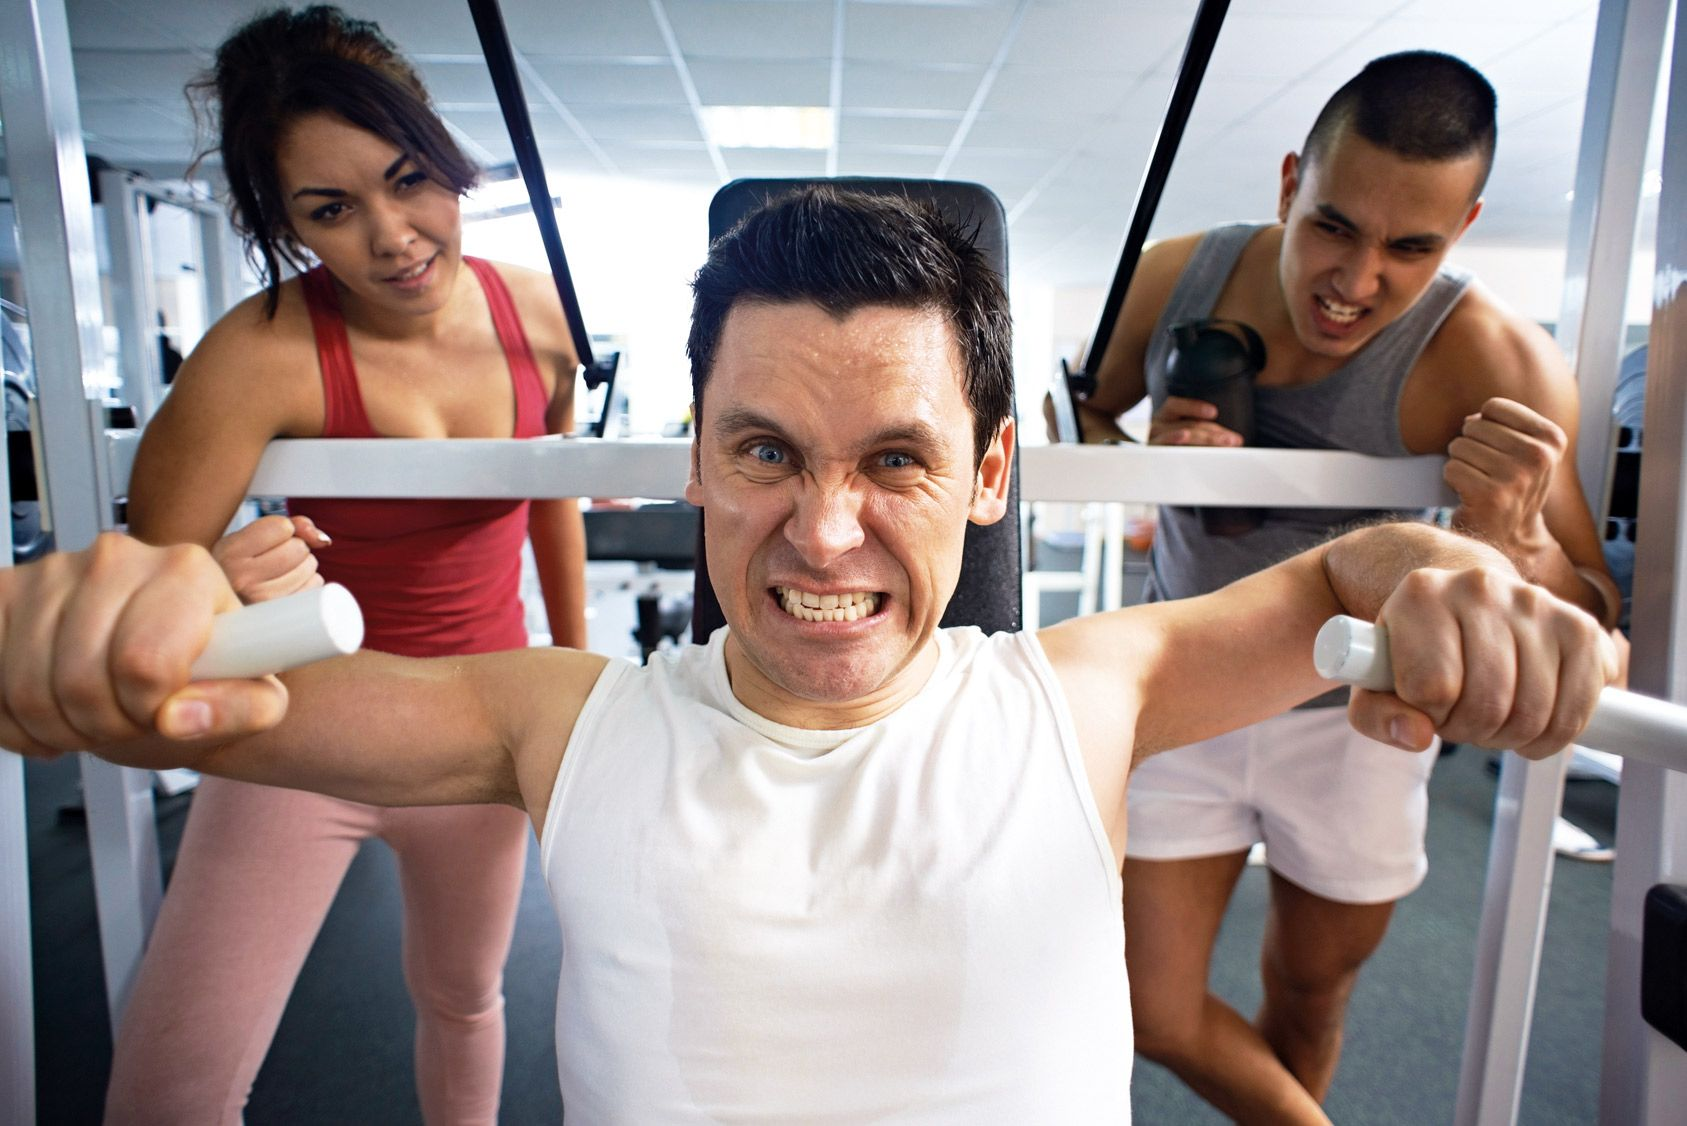 Cas pratique: je me suis blessé dans une salle de sport, qui est responsable?